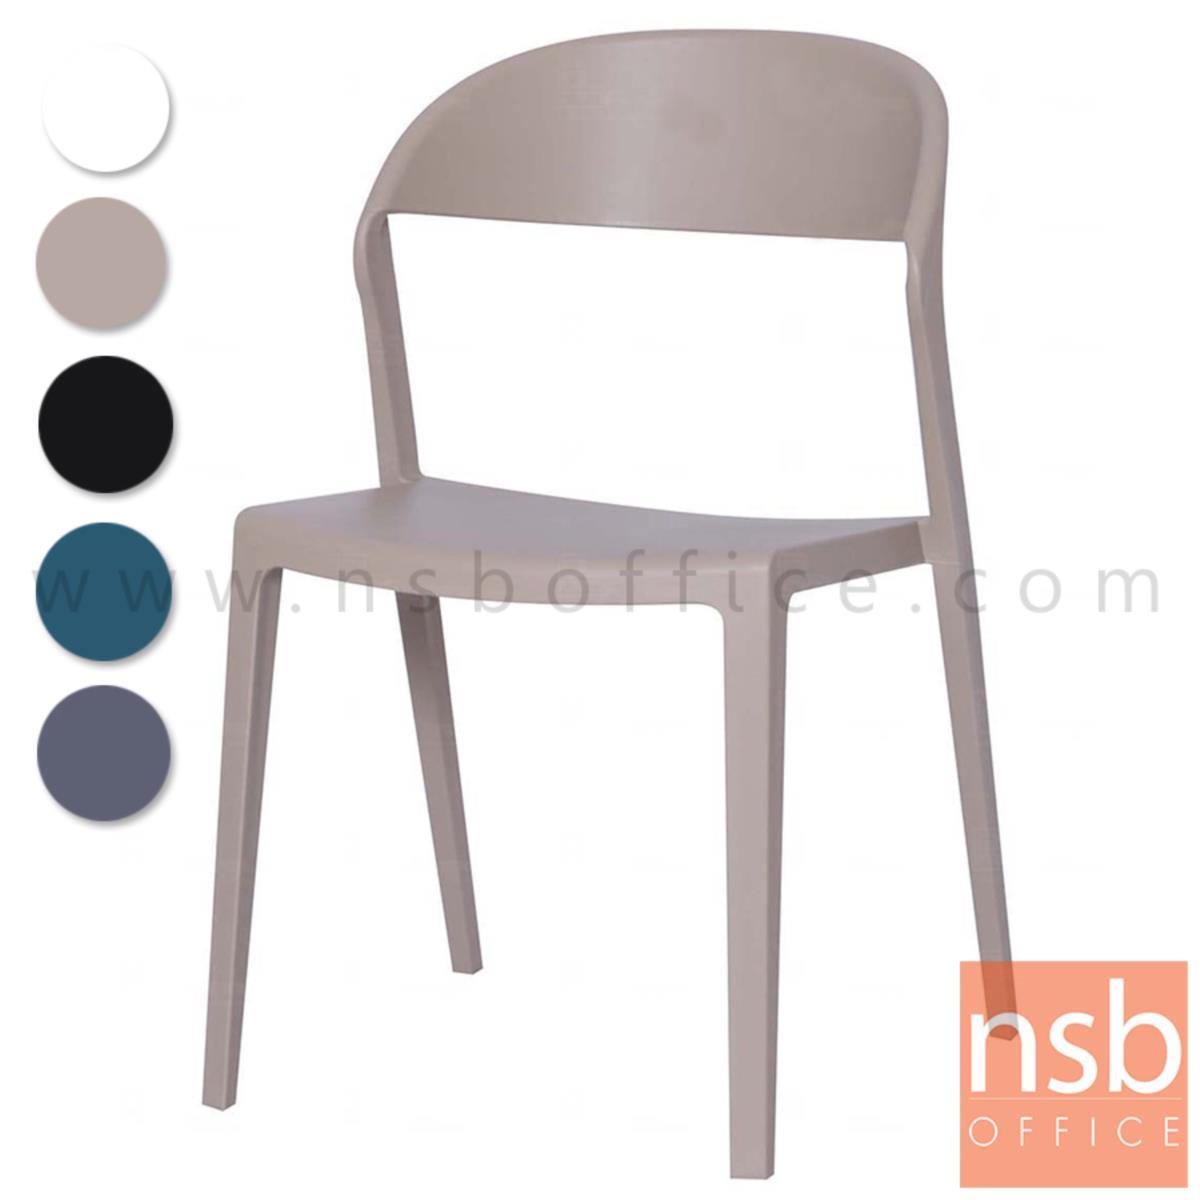 B11A045:เก้าอี้โมเดิร์นพลาสติกโพลี่ รุ่น Boyer (บอยเยอร์) ขนาด 44W cm.